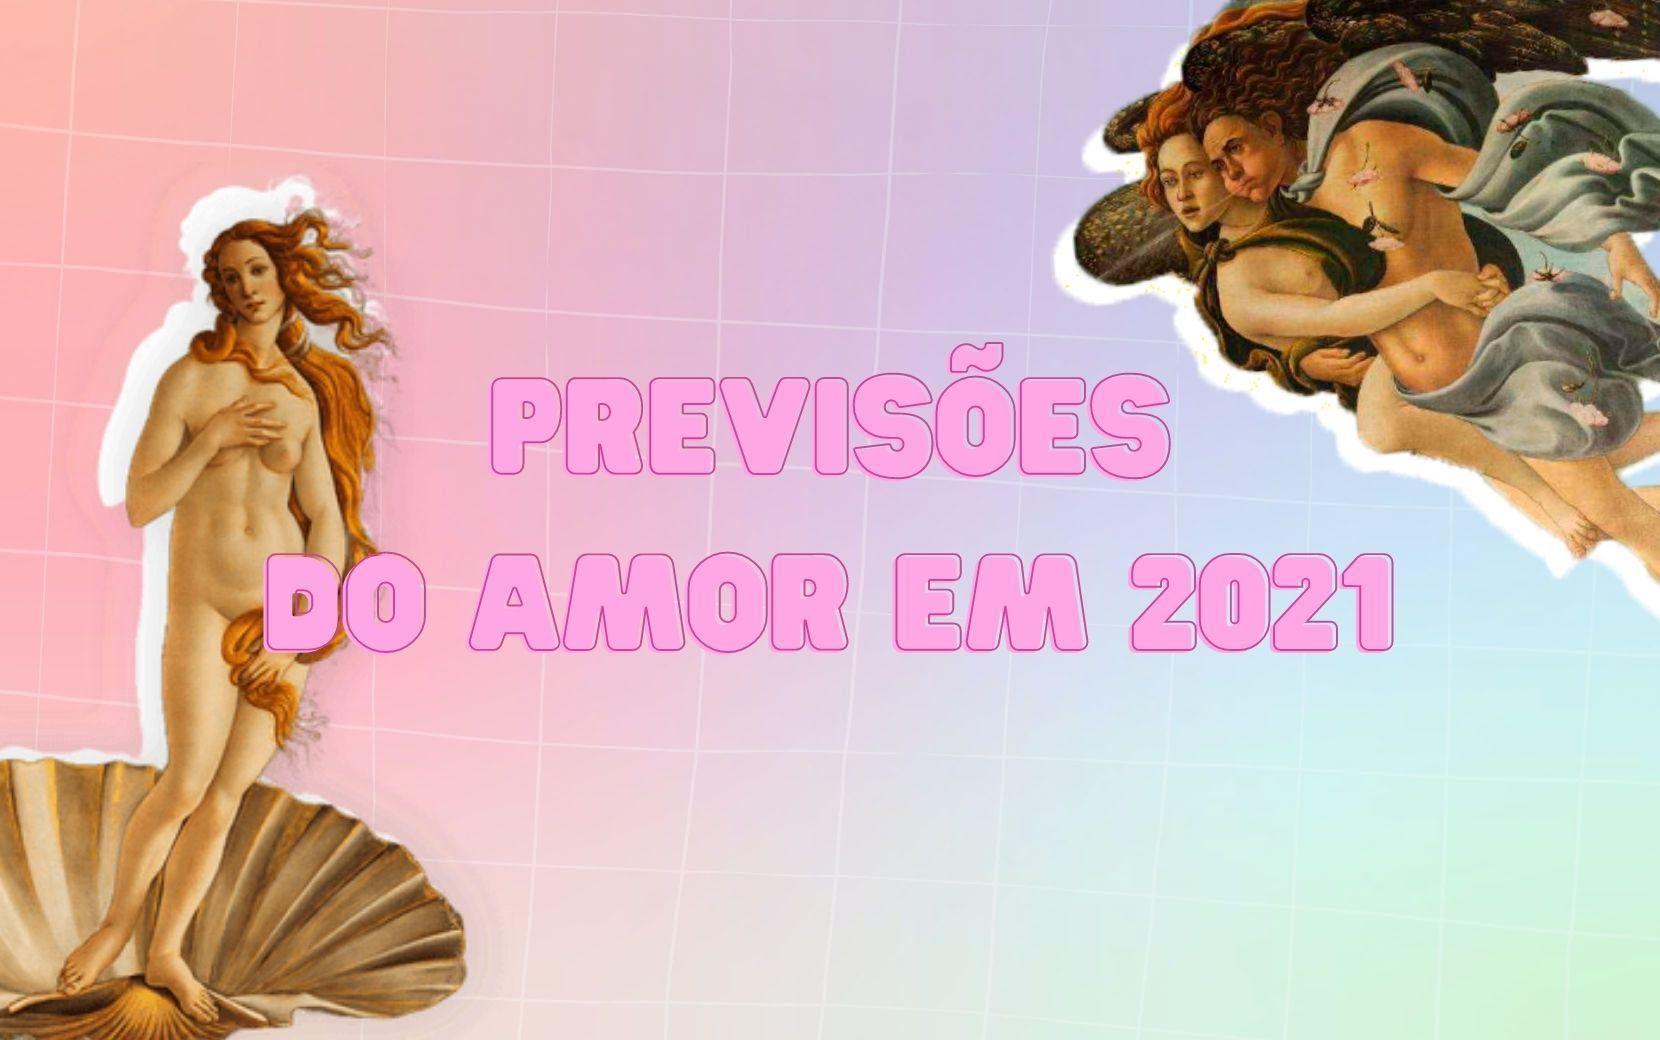 Amor em 2021: previsões astrológicas para os relacionamentos de todos os signos no ano de Vênus